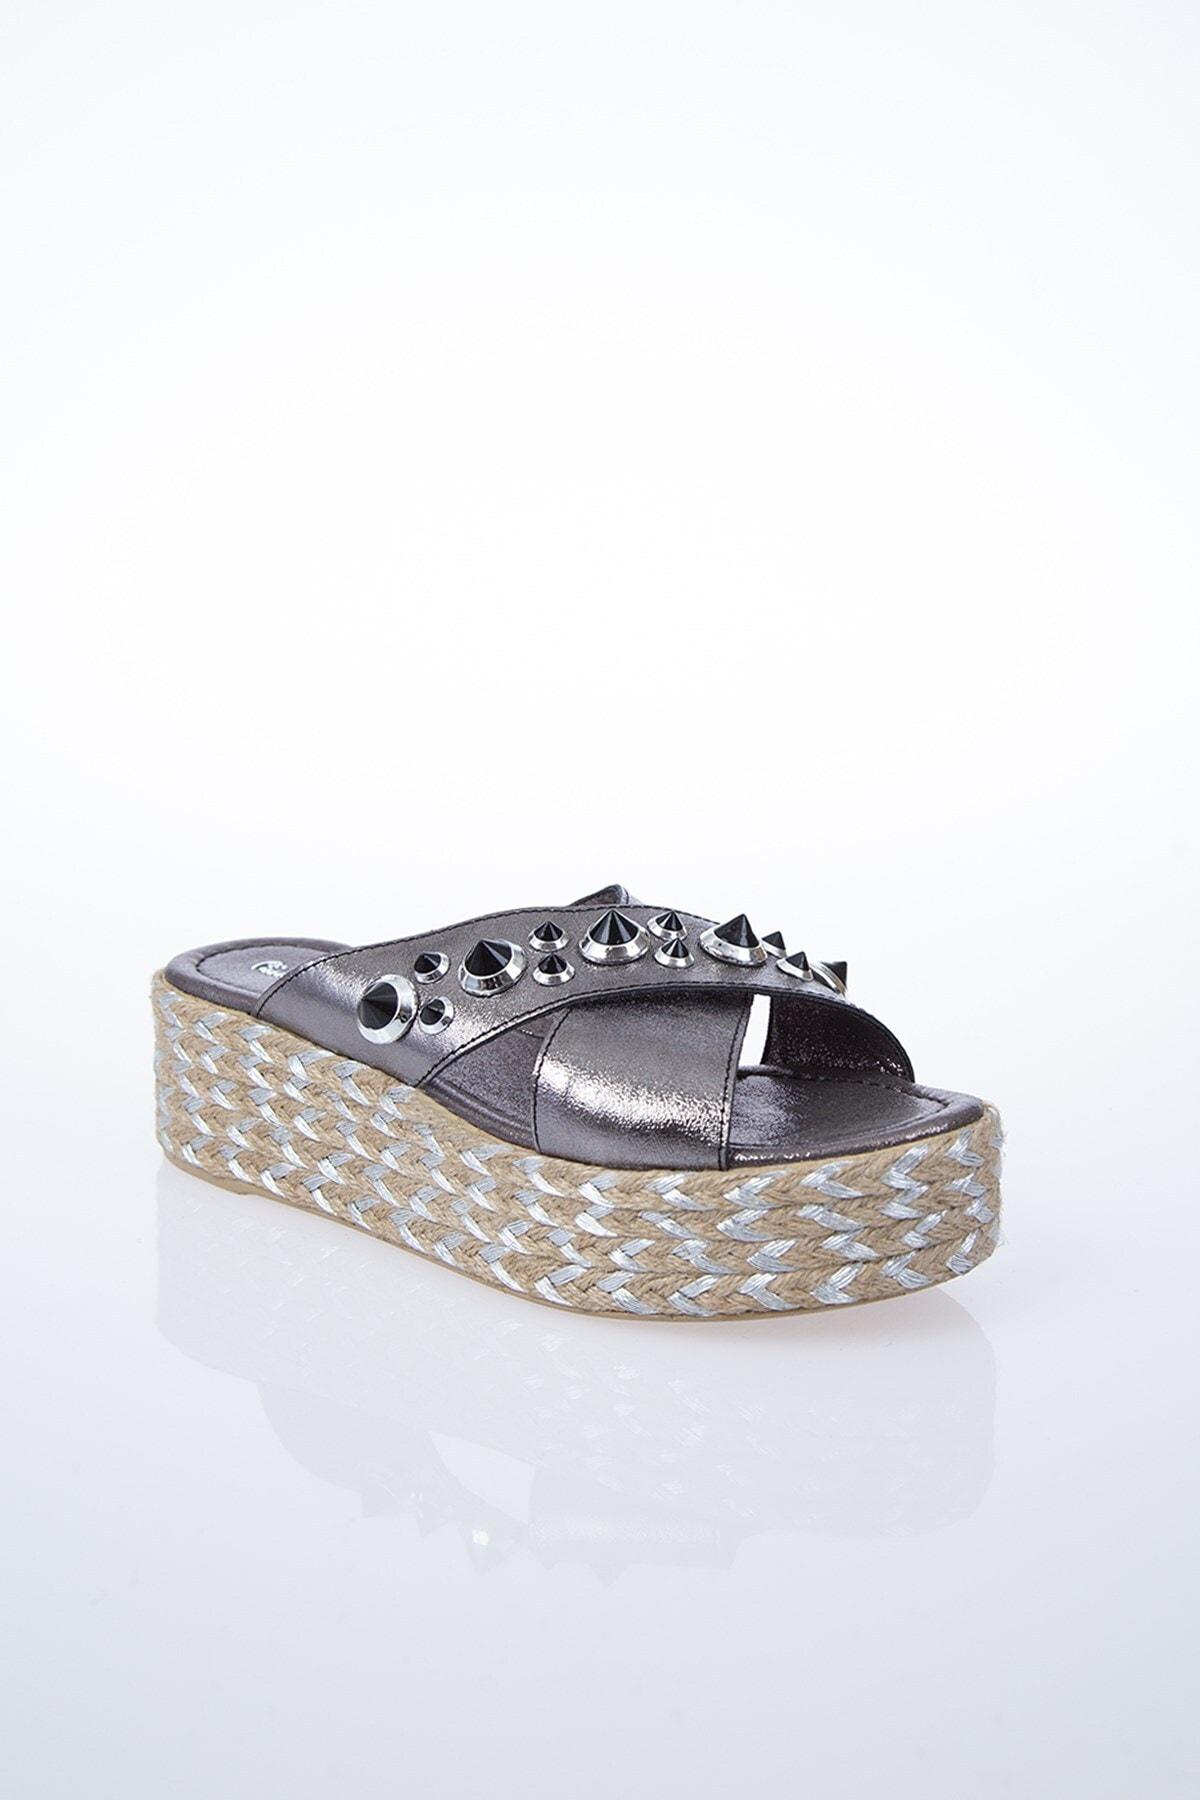 Pierre Cardin Kadın Gümüş TerlikPc-6132 - 2163-591-platin 2